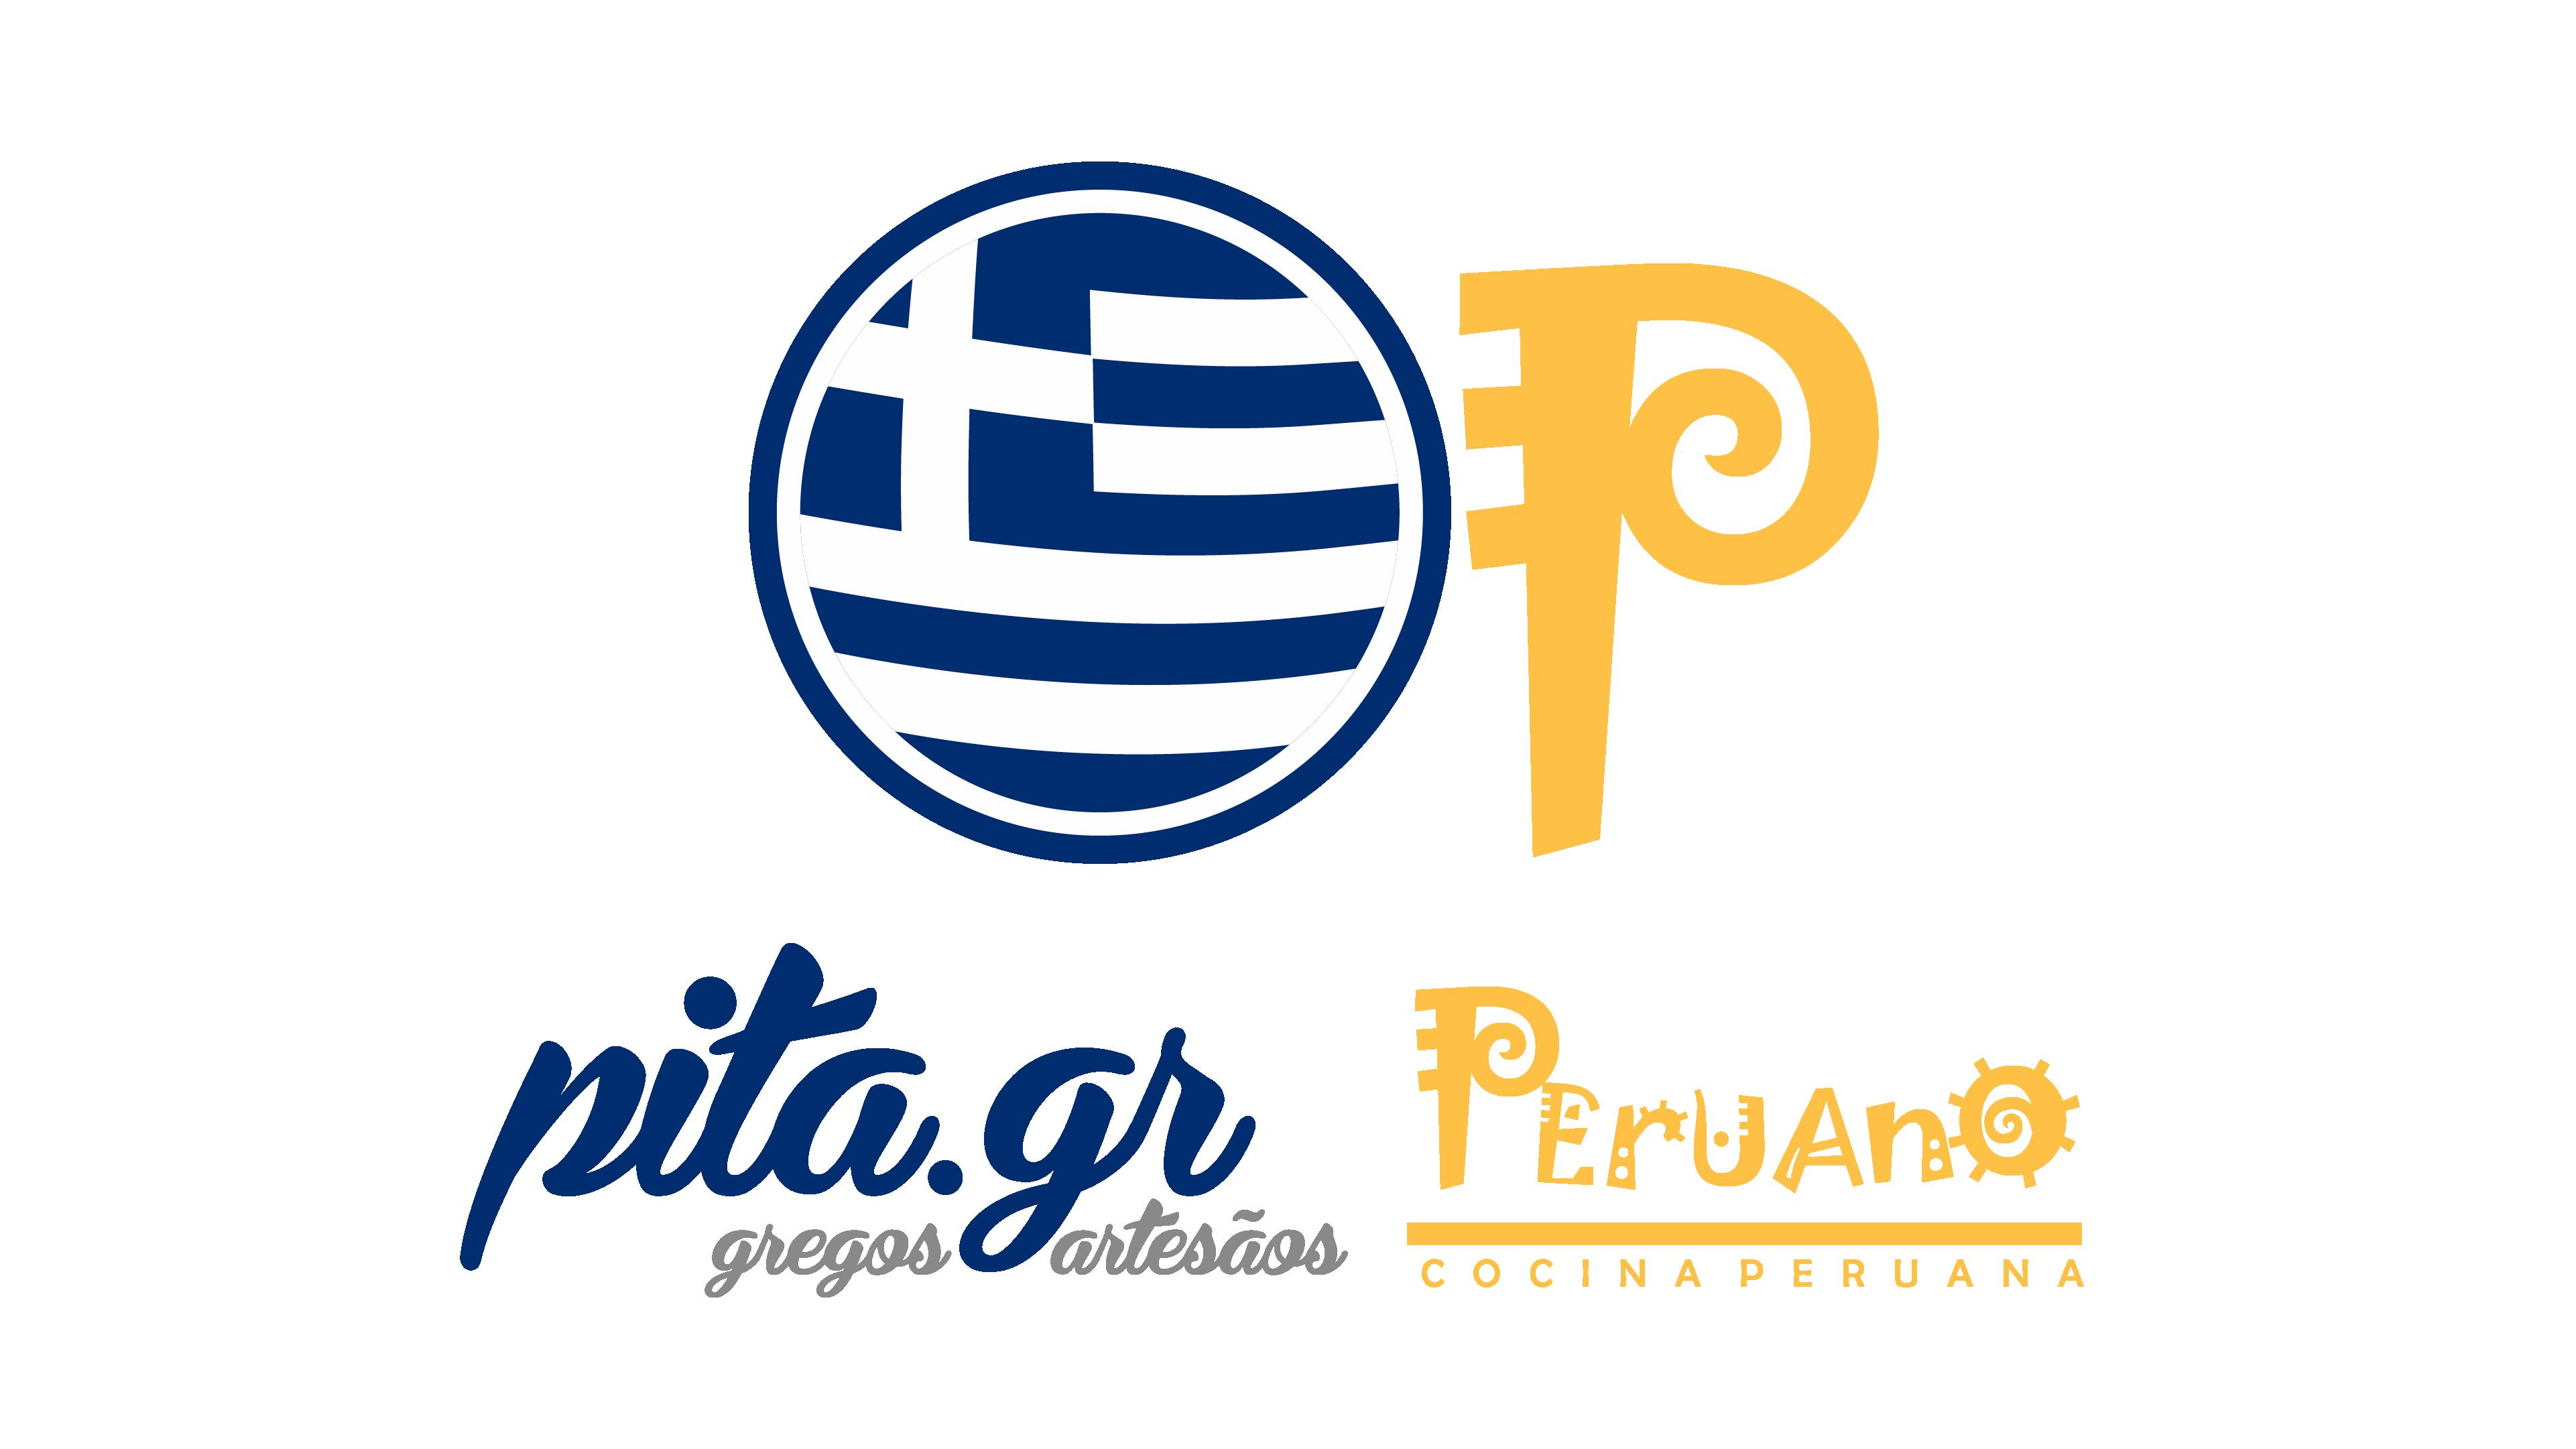 Pitagrcharneca